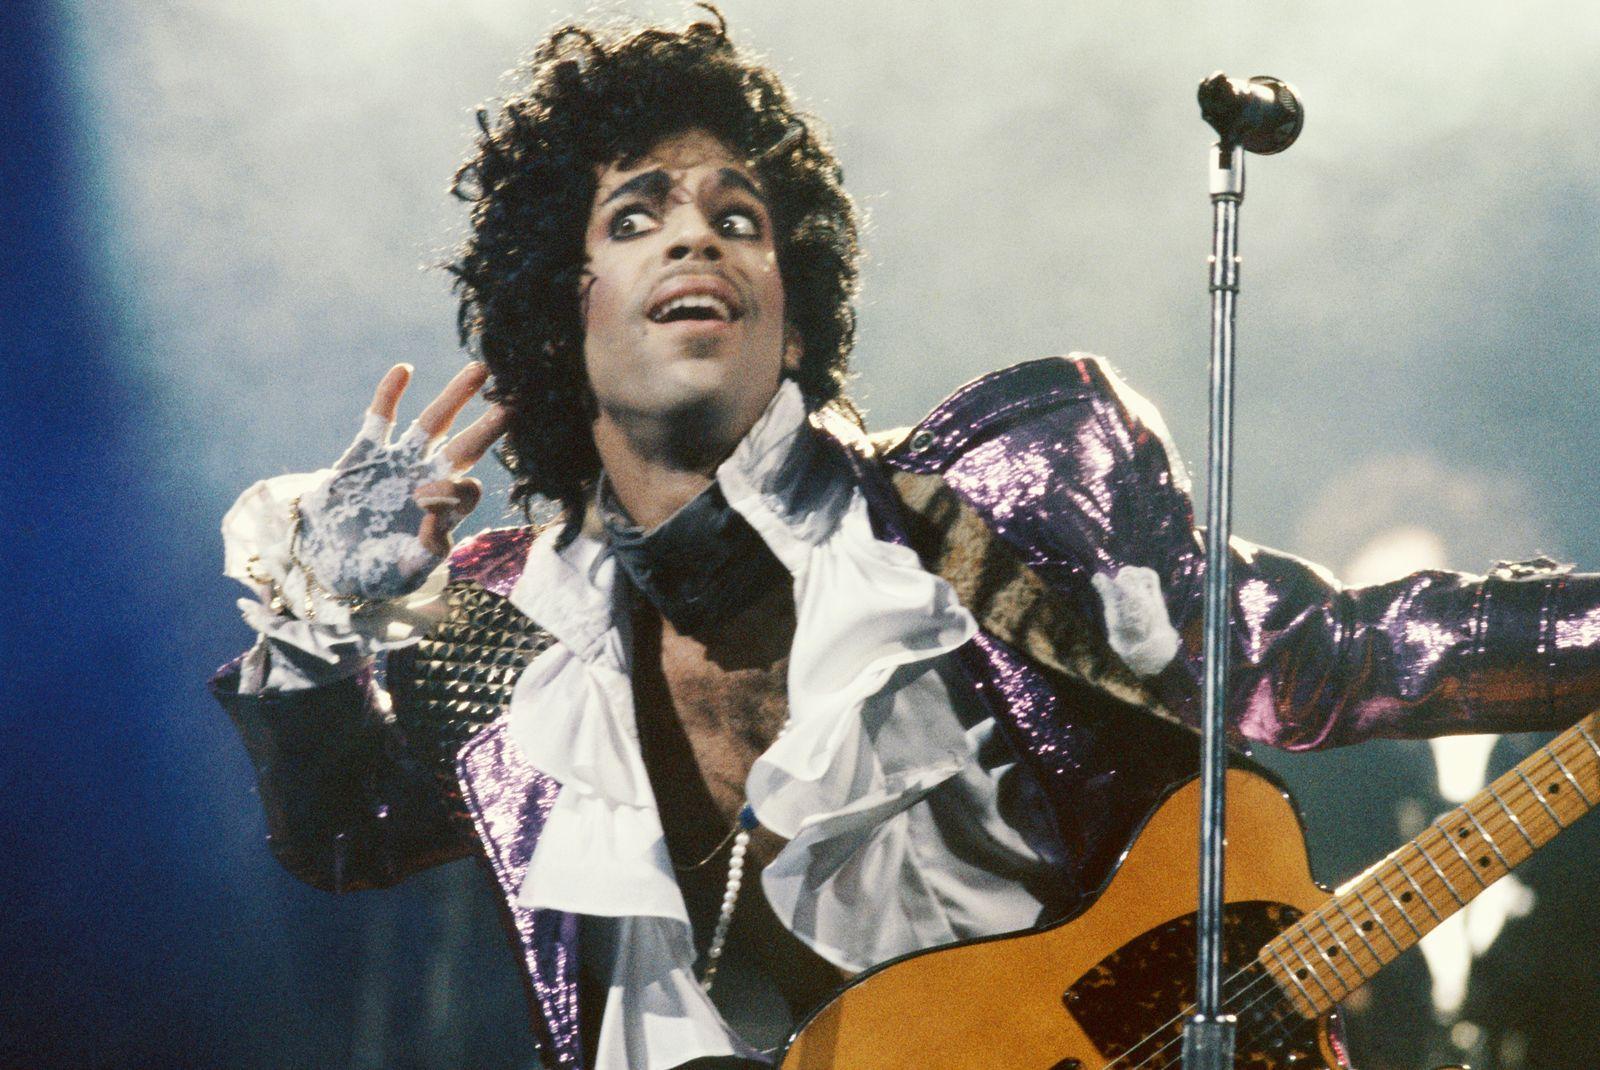 Henkersmahlzeit - Prince Live In Concert